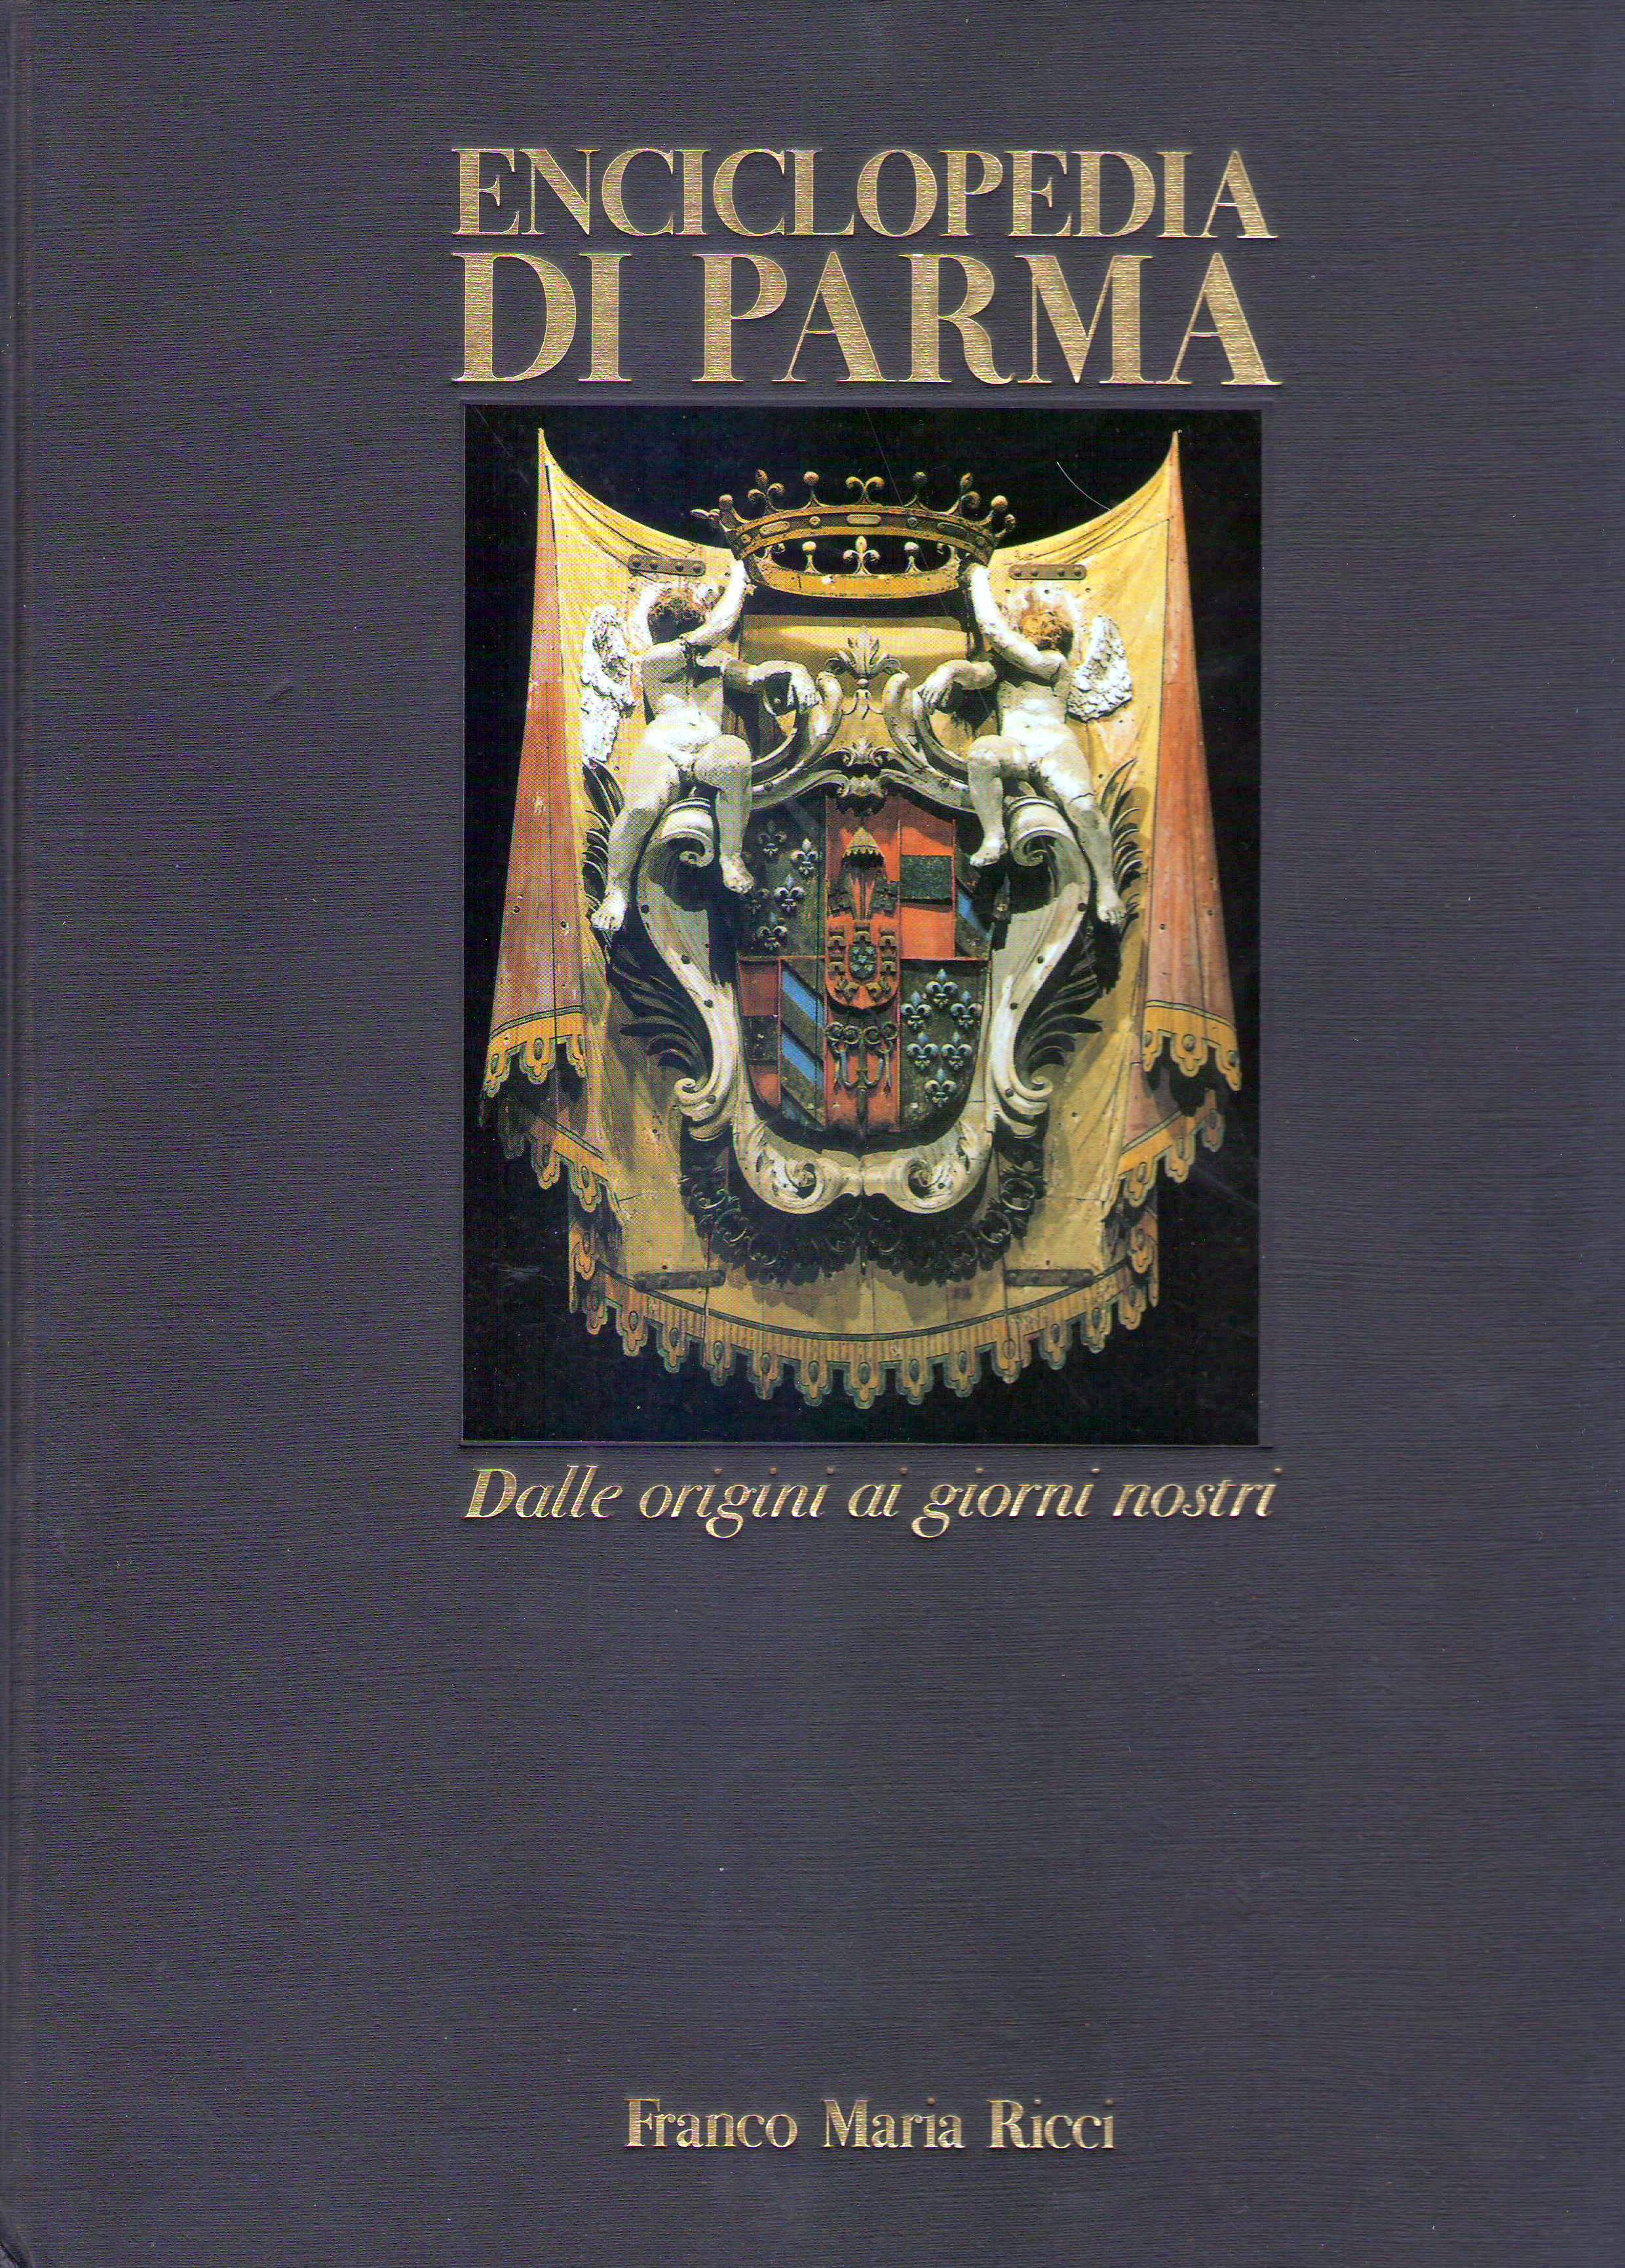 Enciclopedia di Parma